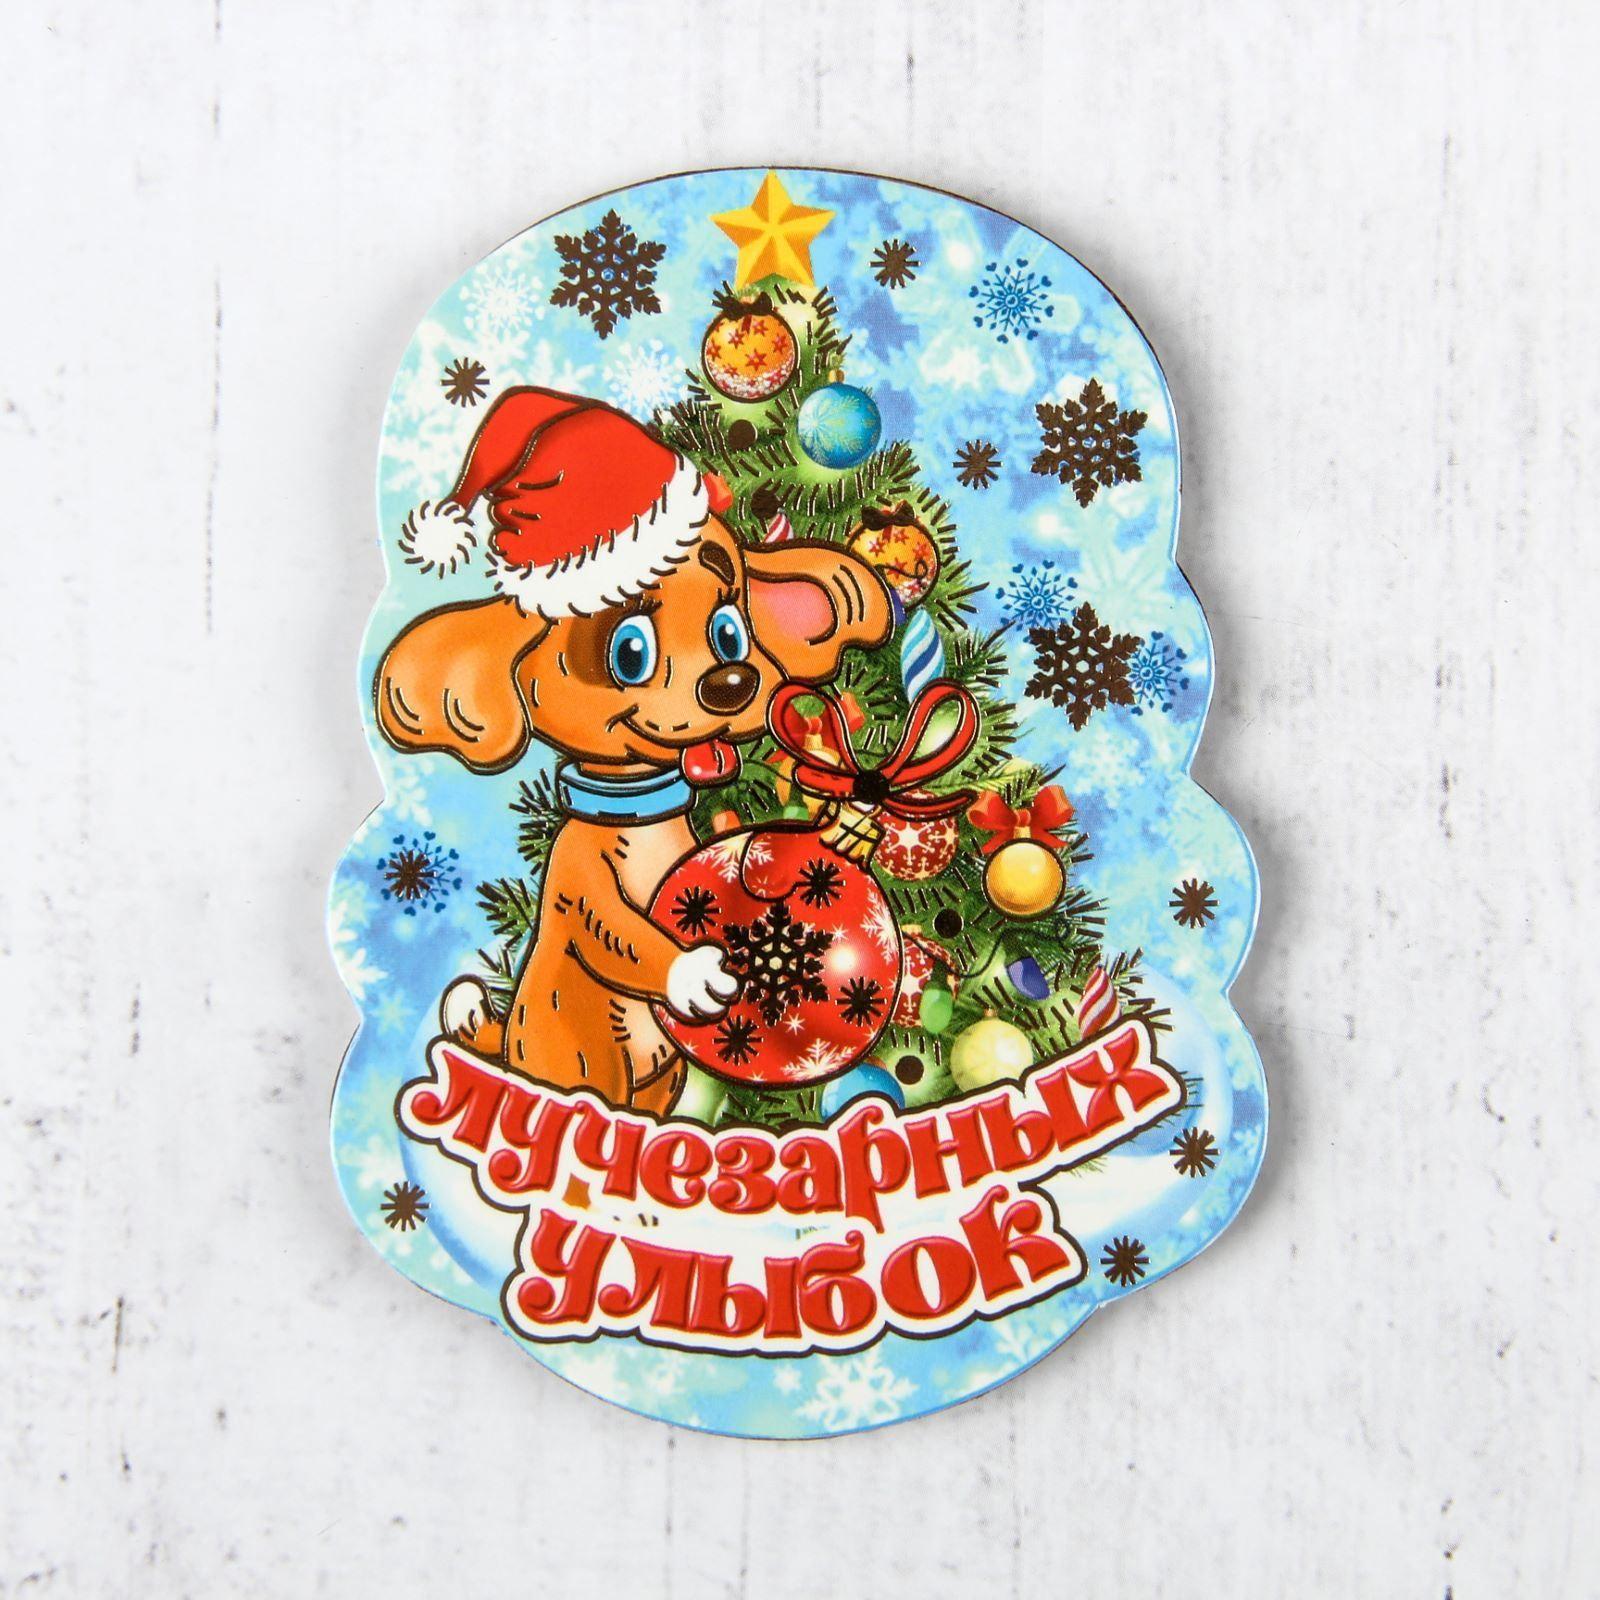 Магнит Sima-land Новогодний. 2018, 10,5 х 7,5 см2532411Порадуйте родных и близких оригинальным сувениром: преподнесите в подарок магнит. С ним даже самый серьёзный человек почувствует себя ребёнком, ожидающим чудо! Создайте праздничное настроение, и оно останется с вами на весь год.